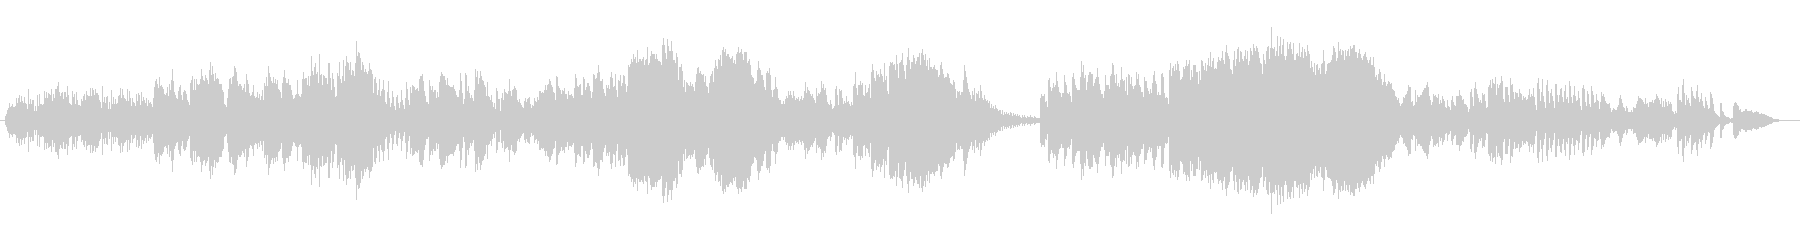 透明感と優しいシンセサイザーサウンドの未再生の波形